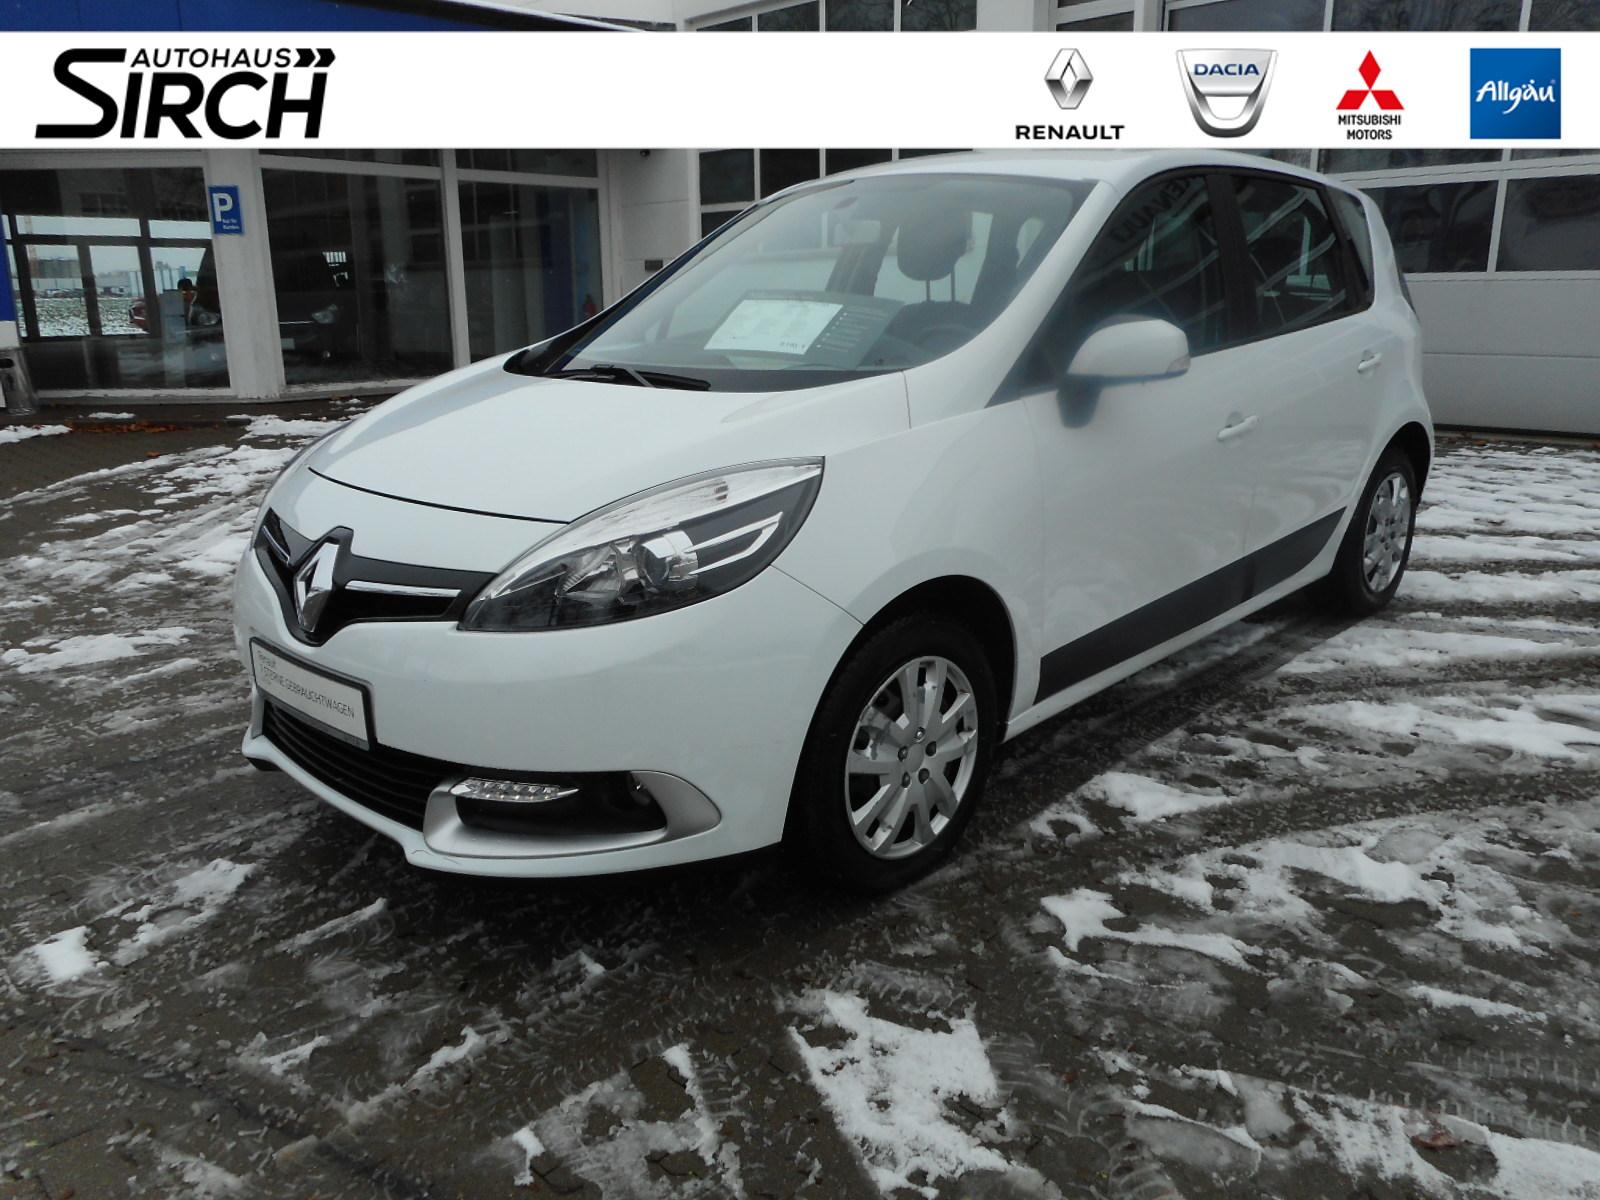 Renault Scenic Paris 1.5 dCi 110 FAP EU5, AHK, Jahr 2013, Diesel